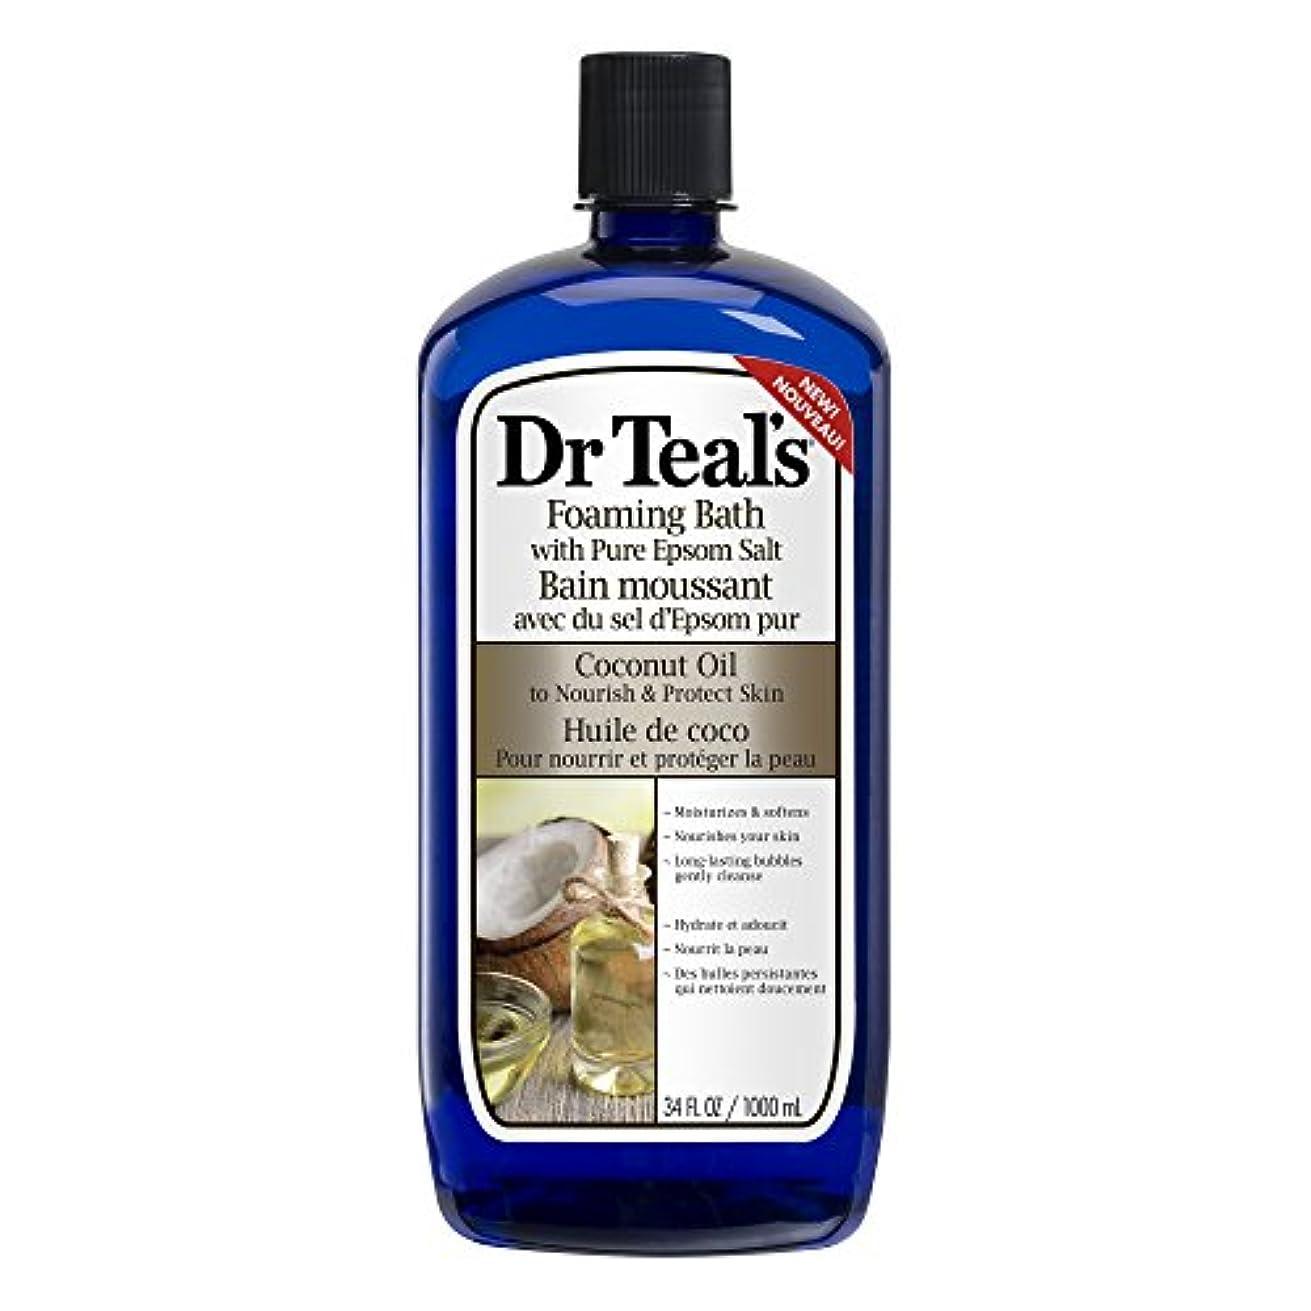 Dr Teal's 博士Tealsココナッツオイルフォーミングバス、34オンス